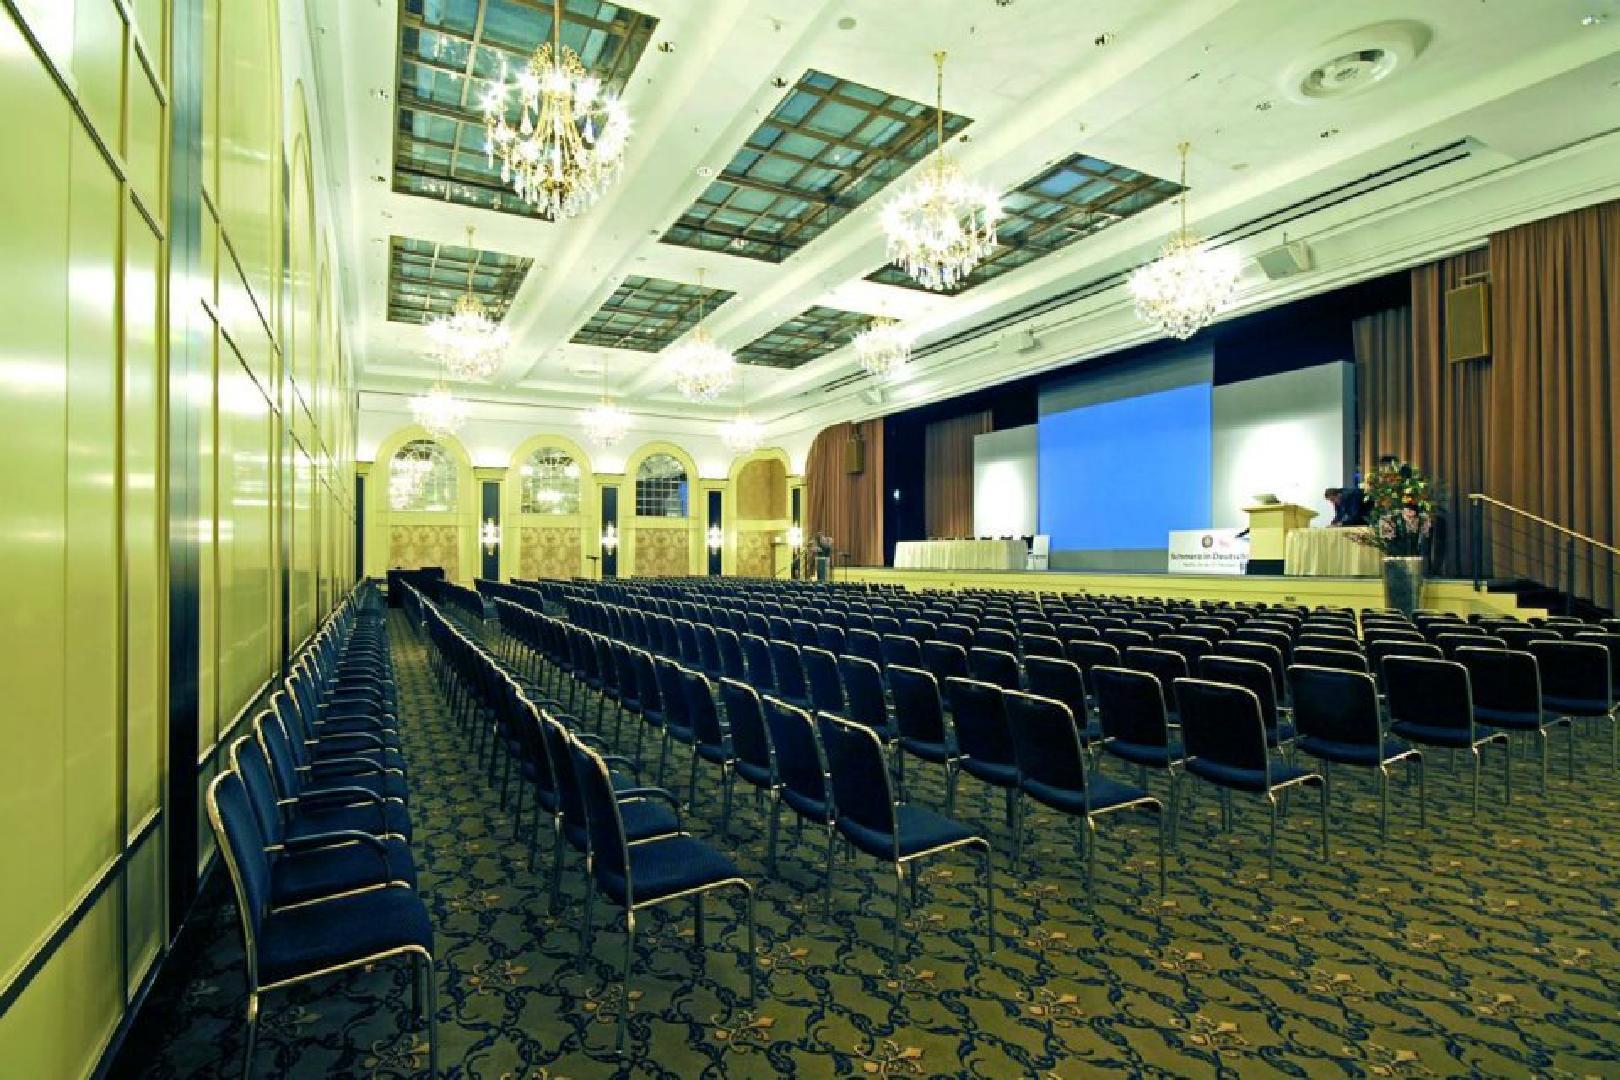 Bild 1 von Saal Berlin (Sektion B mit Bühne)